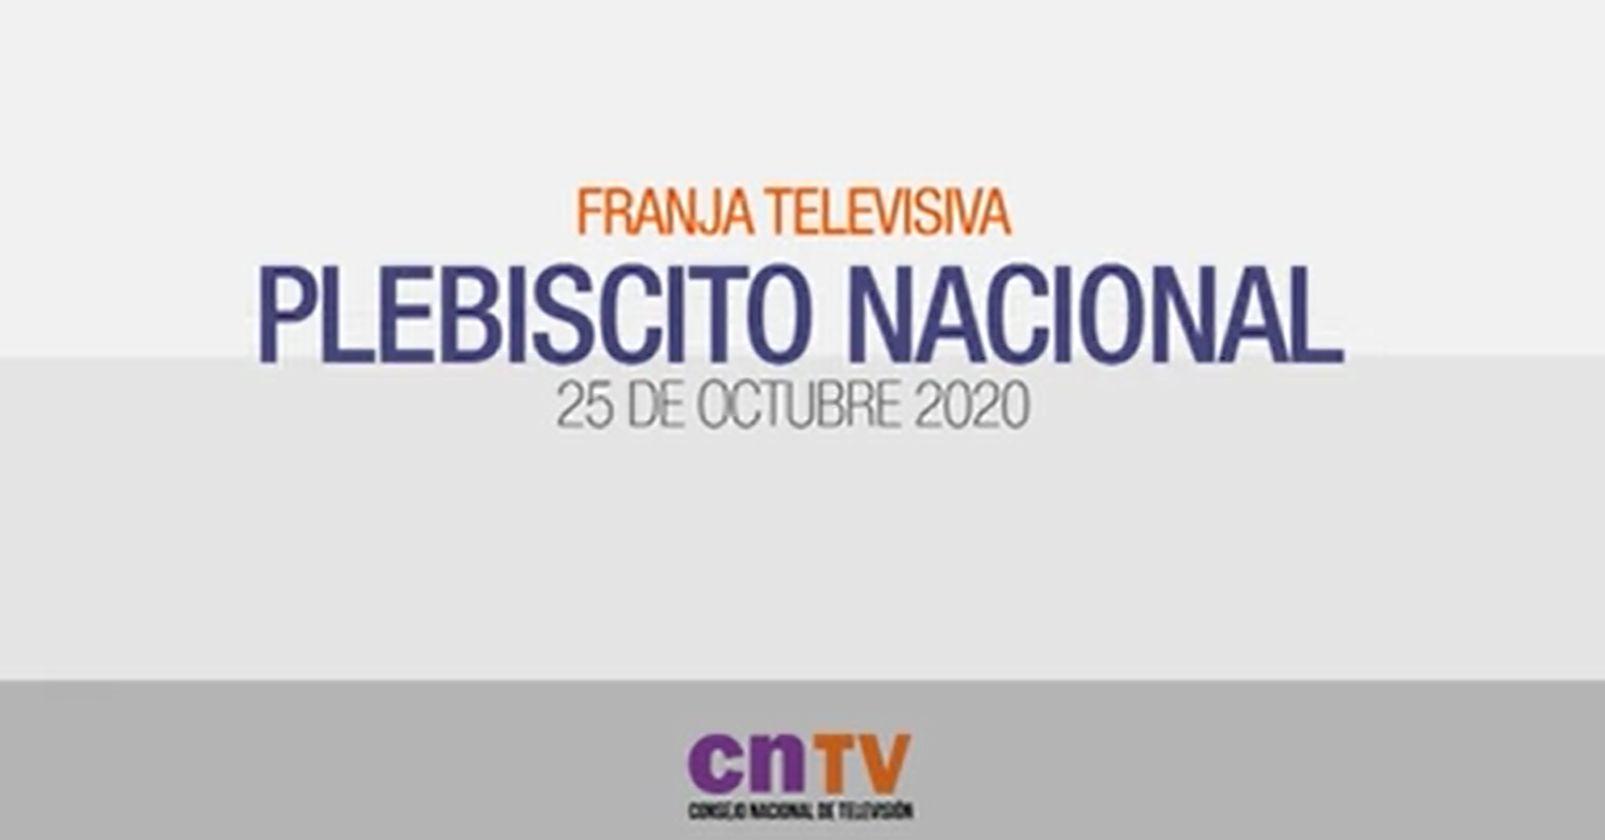 VIDEO - Esta fue la primera franja emitida para el plebiscito del 25 de octubre